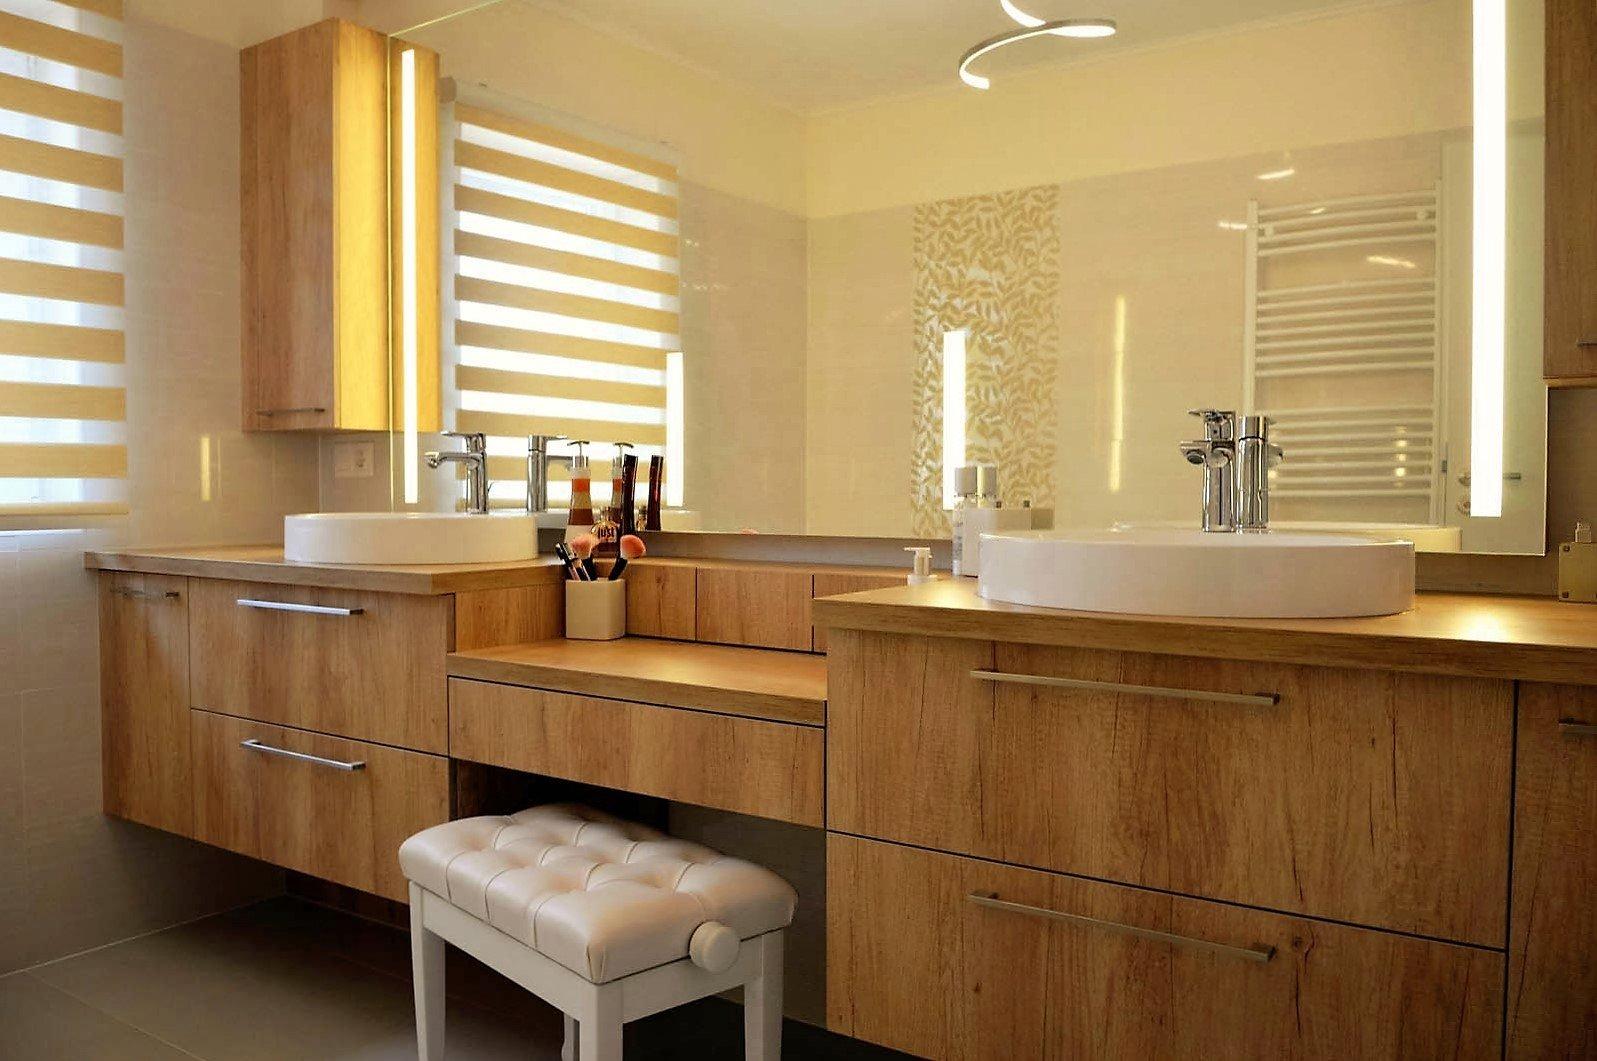 Fürdőszoba bútor készítés lebegő pulttal, LED világításos tükörrel